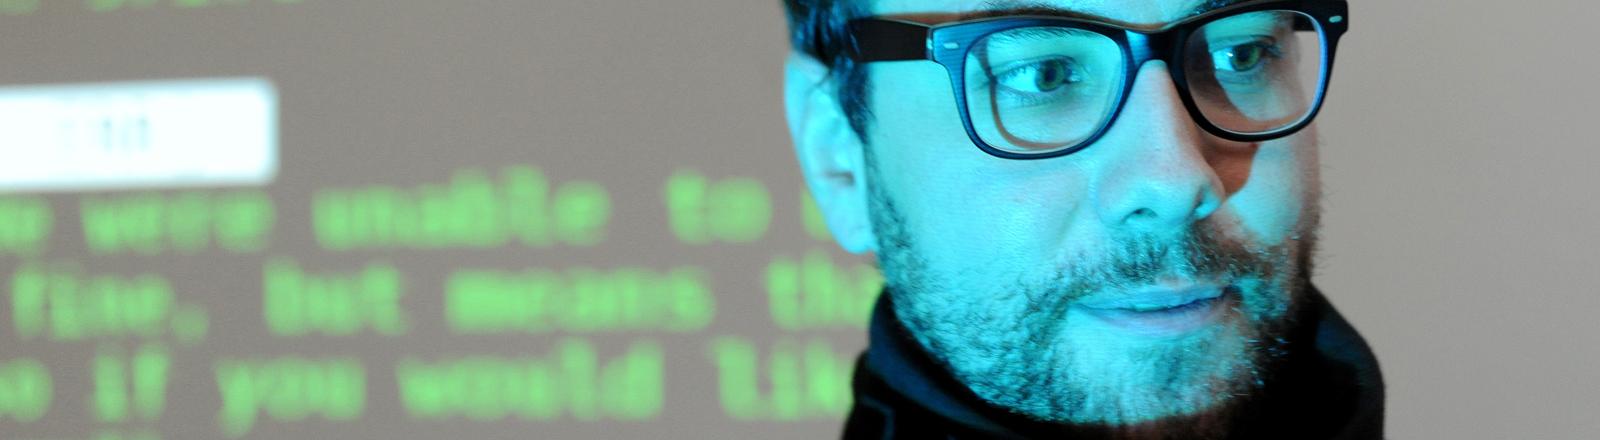 """Der Wikileaks-Aktivist Jacob Appelbaum stellt am 21.10.2015 seine Ausstellung """"Autonomy Cube"""" im Kunstmuseum """"Edith-Russ-Haus"""" in Oldenburg (Niedersachsen) vor."""